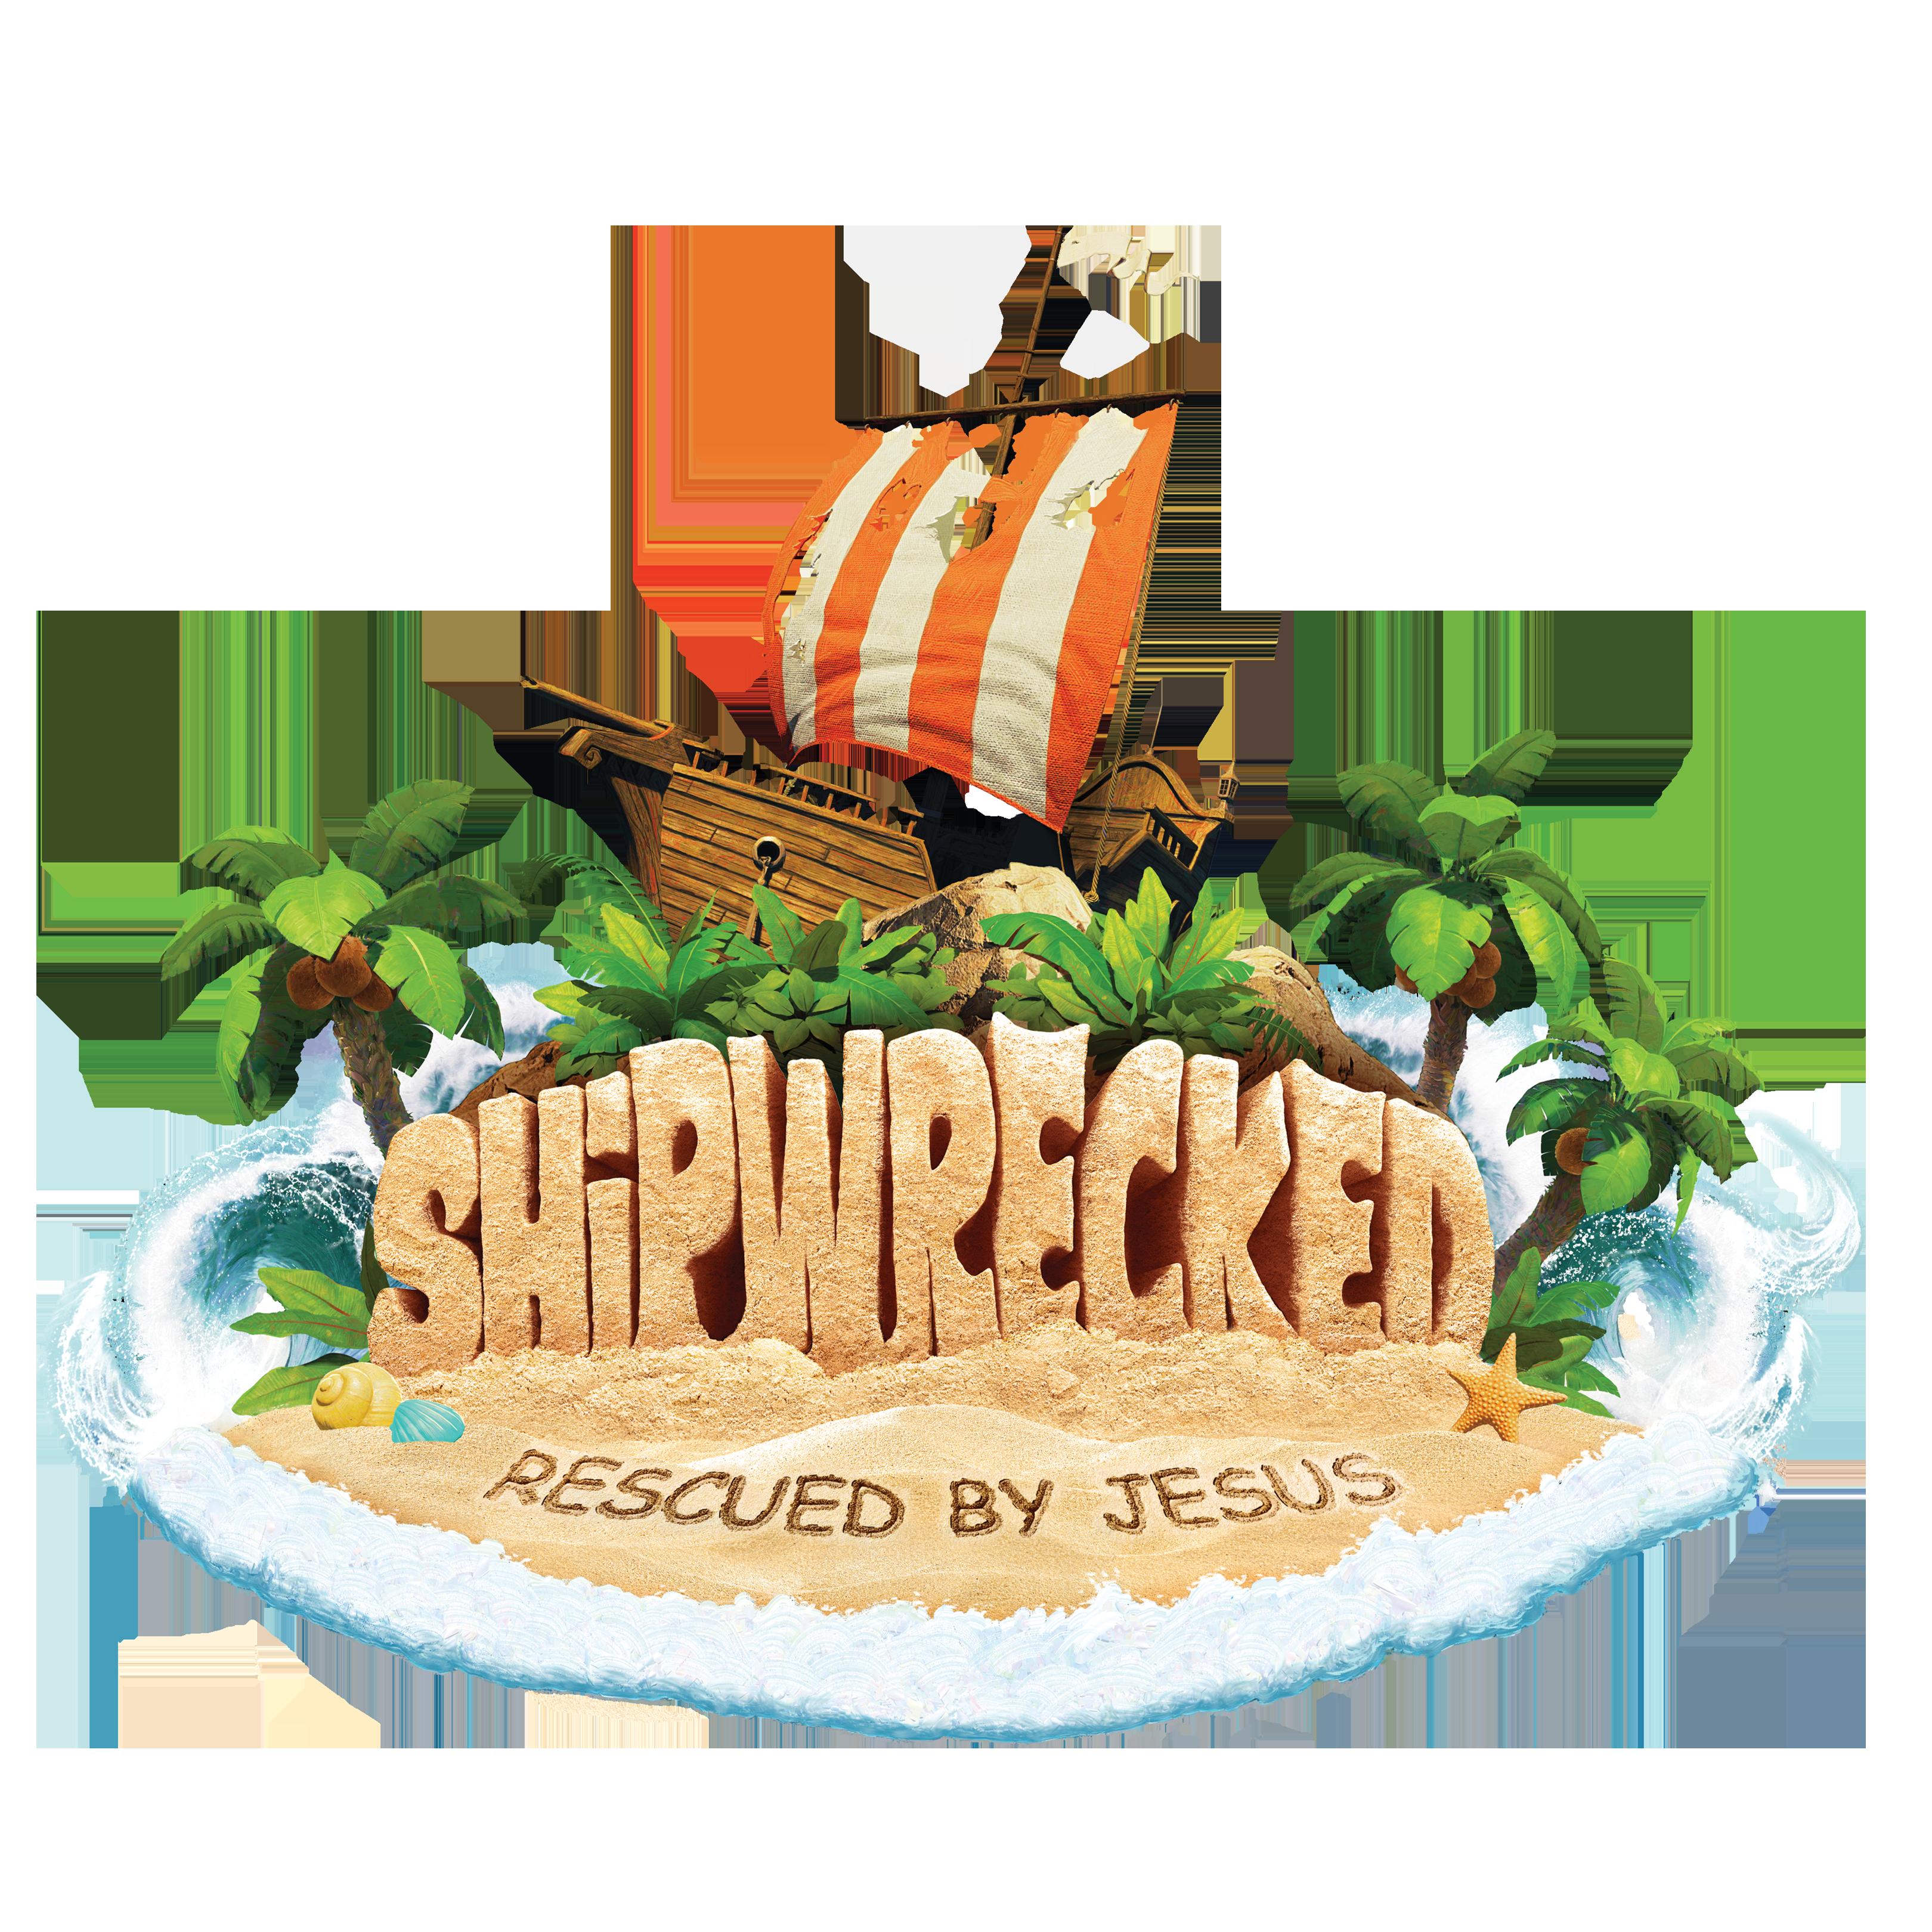 Shipwreckedlogo hr